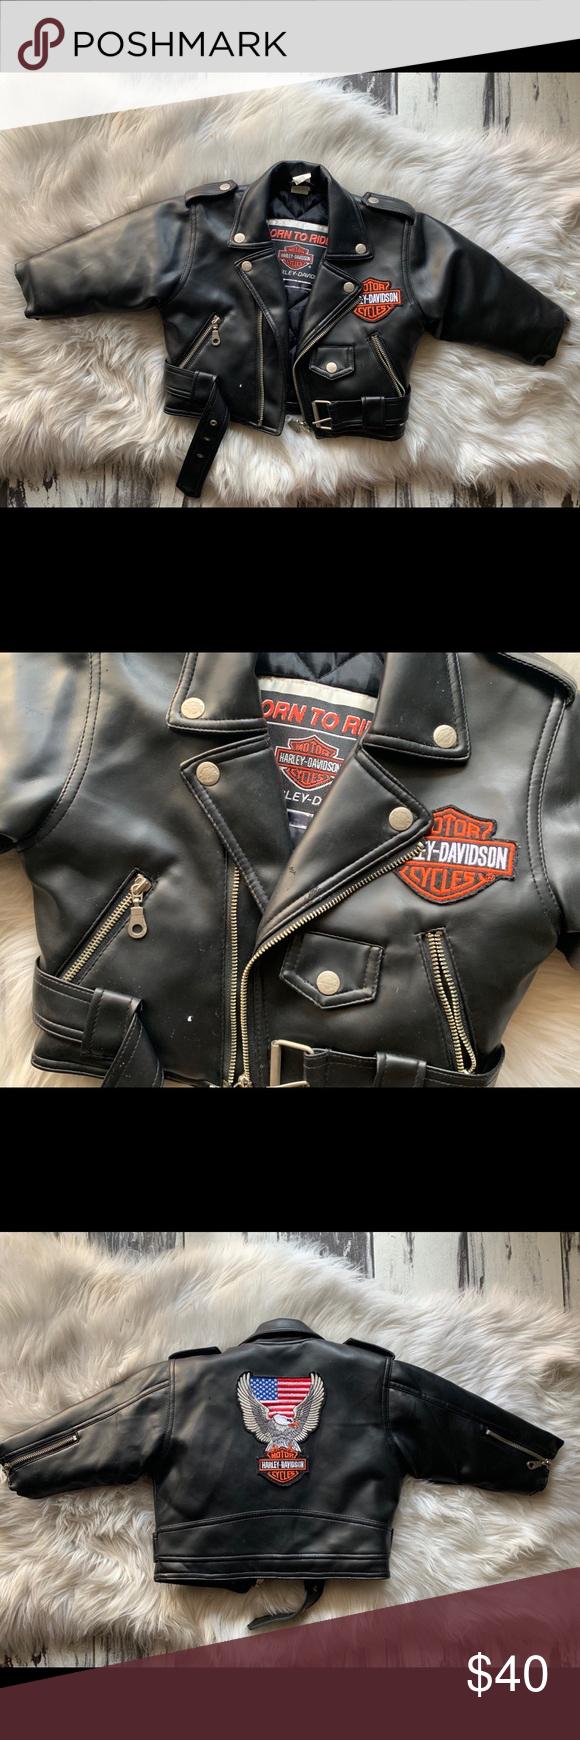 Toddler Harley Davidson Leather Jacket Harley Davidson Leather Jackets Leather Jacket Leather [ 1740 x 580 Pixel ]